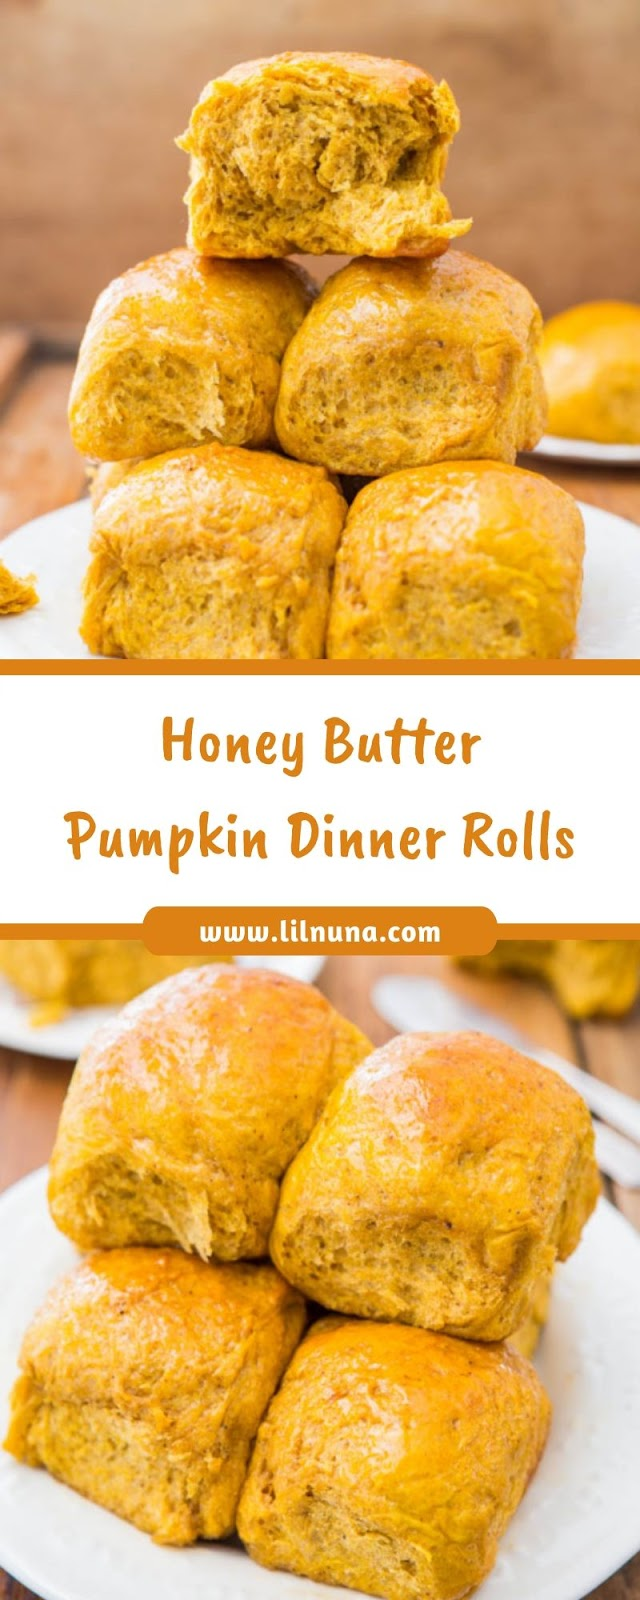 Honey Butter Pumpkin Dinner Rolls